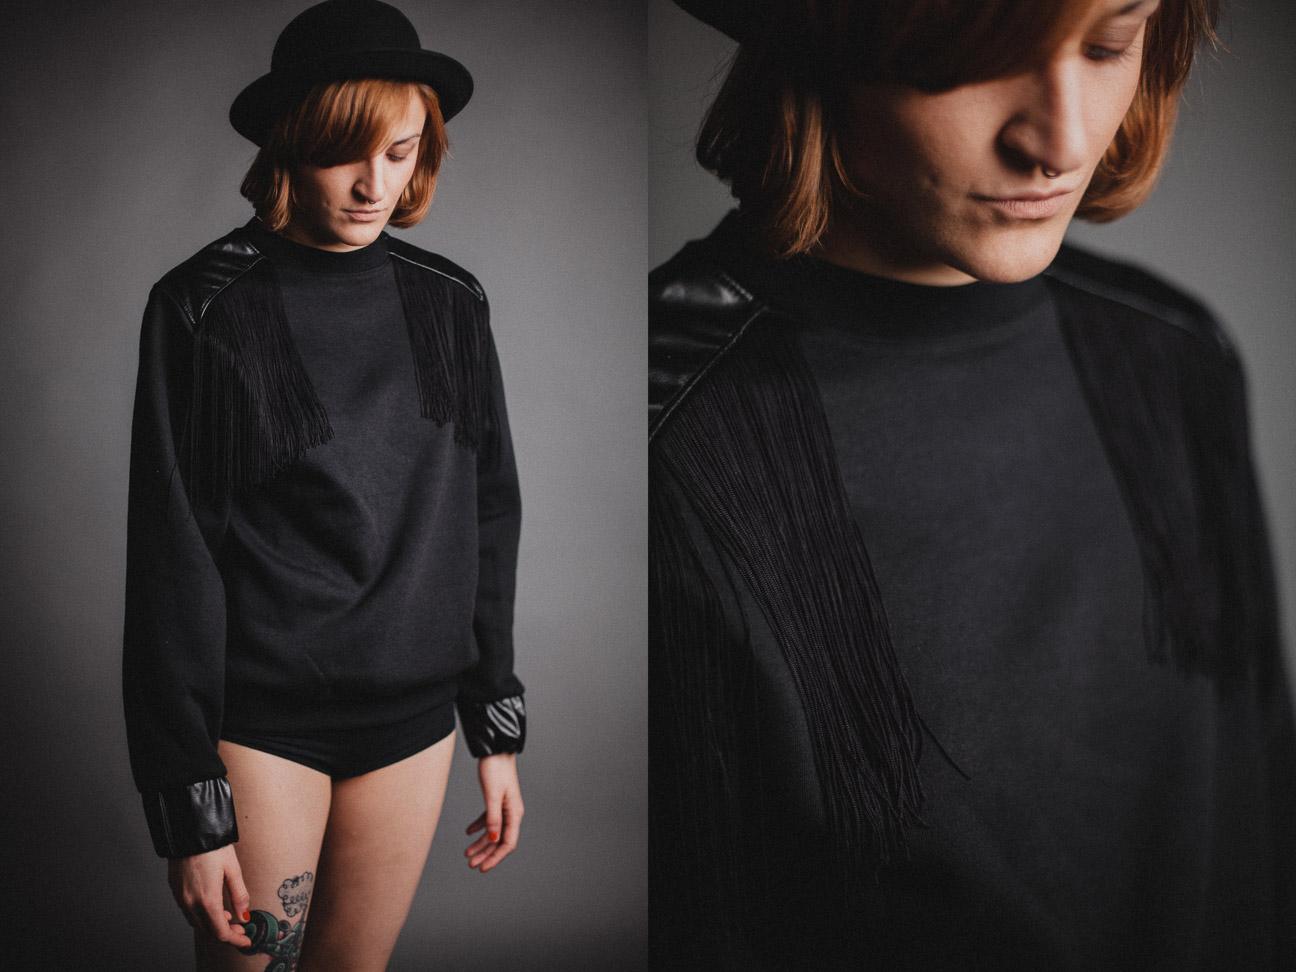 fotografia publicidad catalogo de ropa valencia (7)